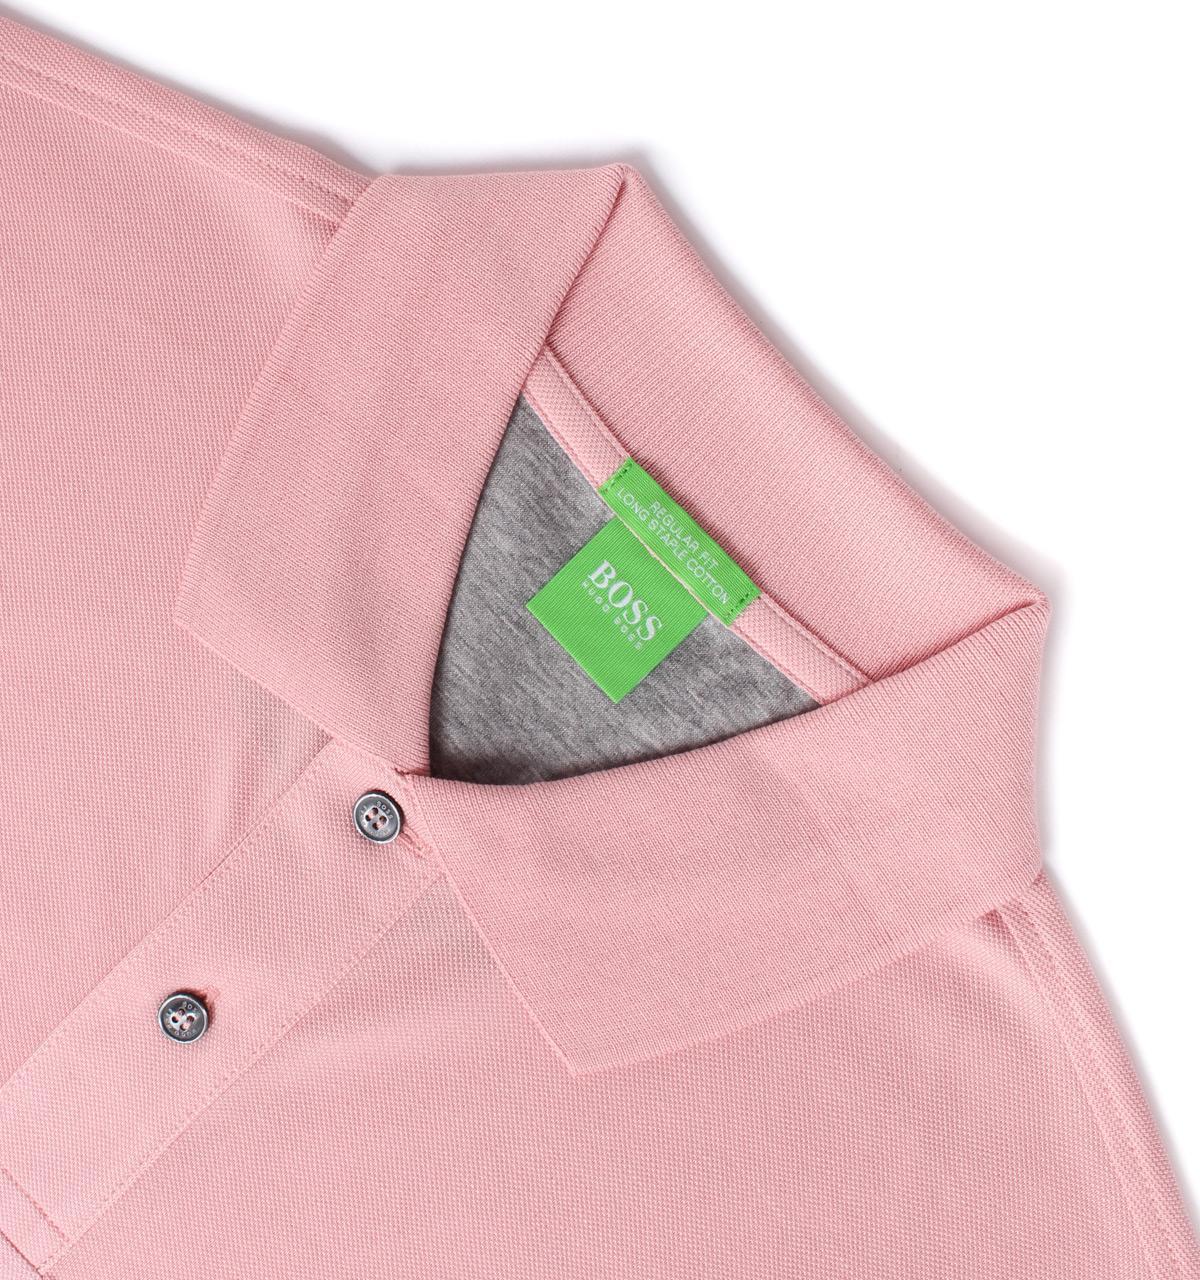 Lyst Boss Green C Firenze Pale Pink Staple Cotton Short Sleeve